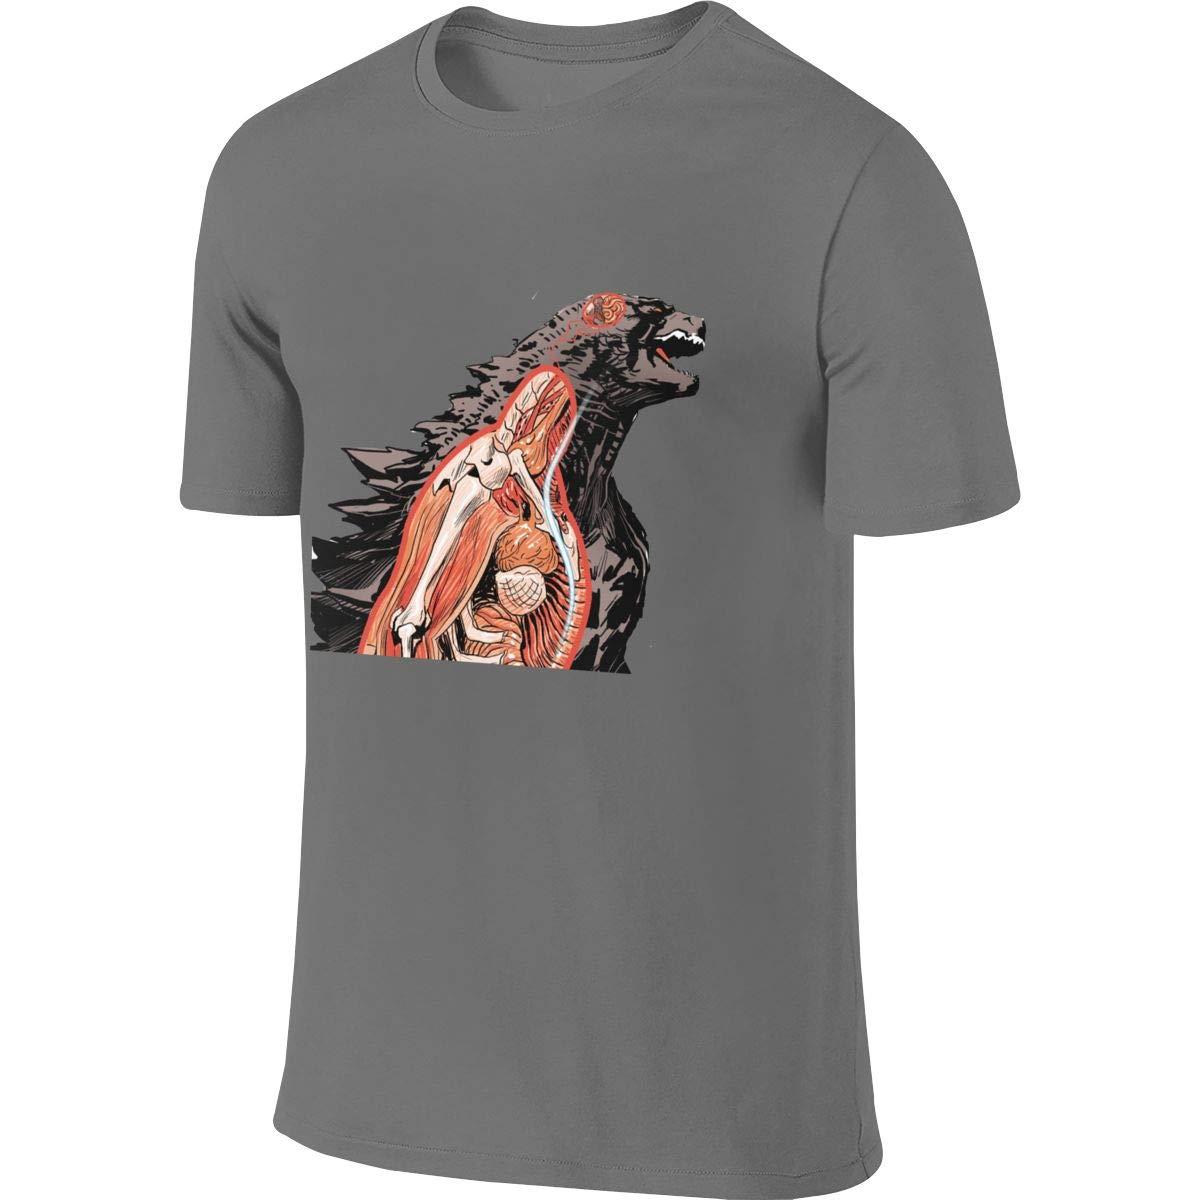 KAMEOR Mens Designed Novelty Tee Shirt Godzilla Internal Organs T Shirt